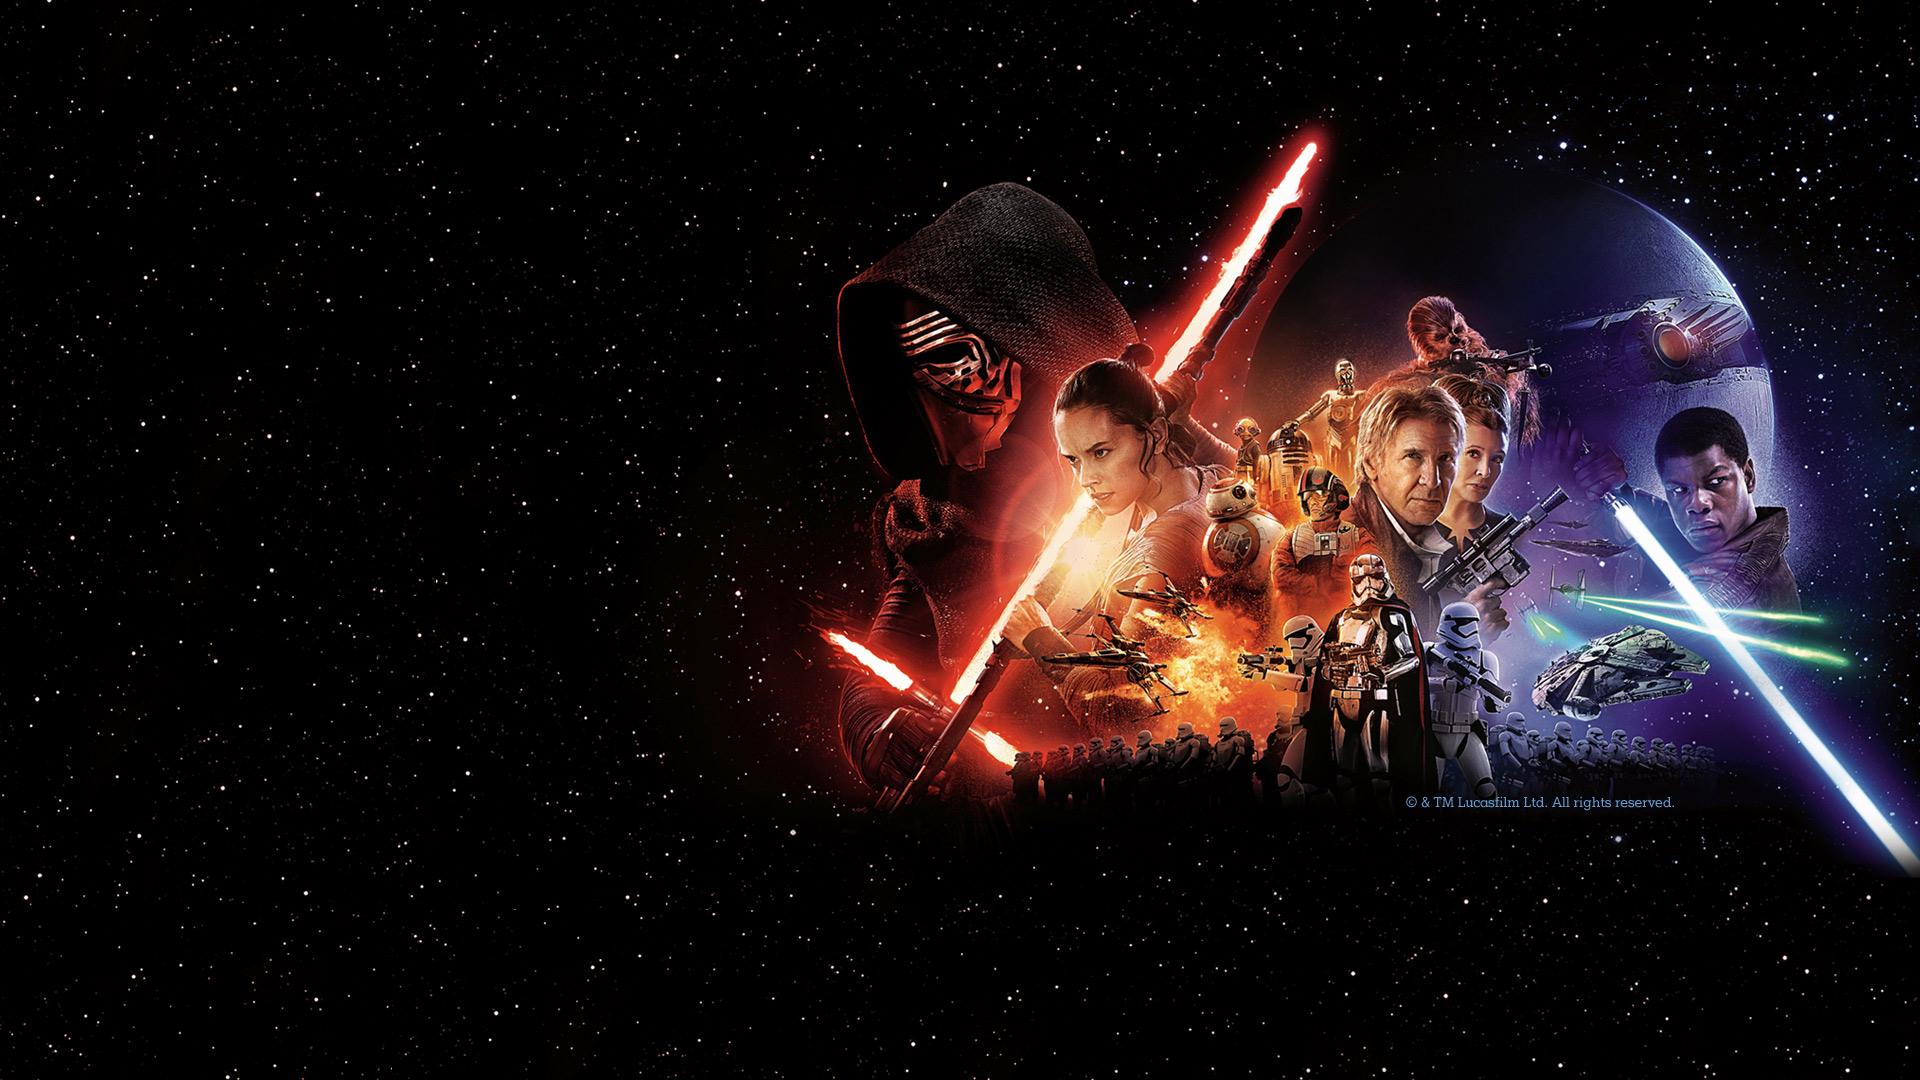 Star Wars - Das Erwachen der Macht Filmsujet